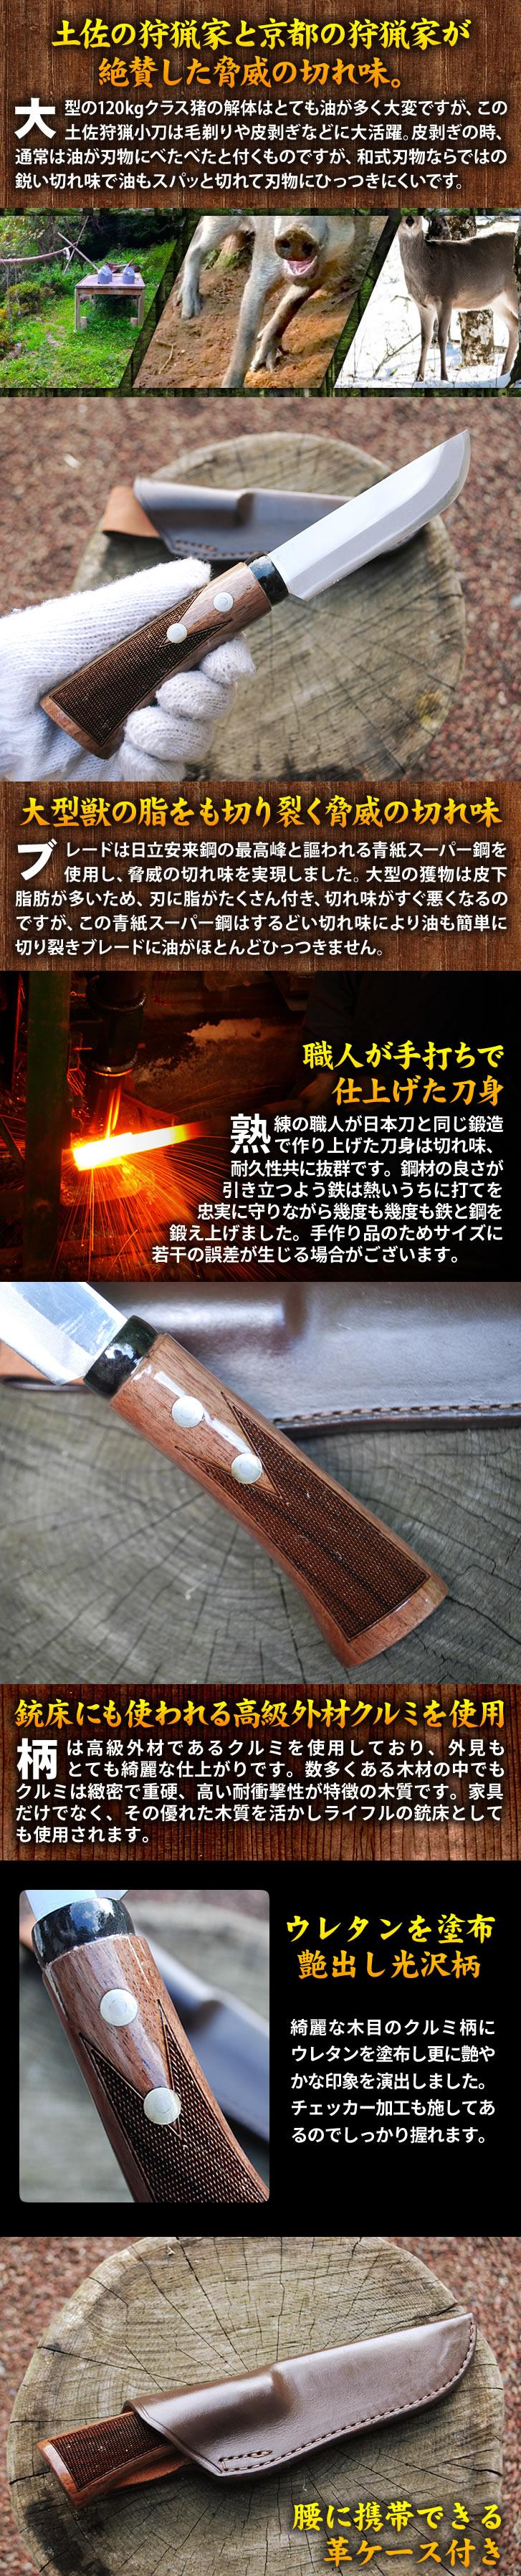 (現品限り)土佐狩猟小刀 クルミ柄ウレタン【欧州モデル】